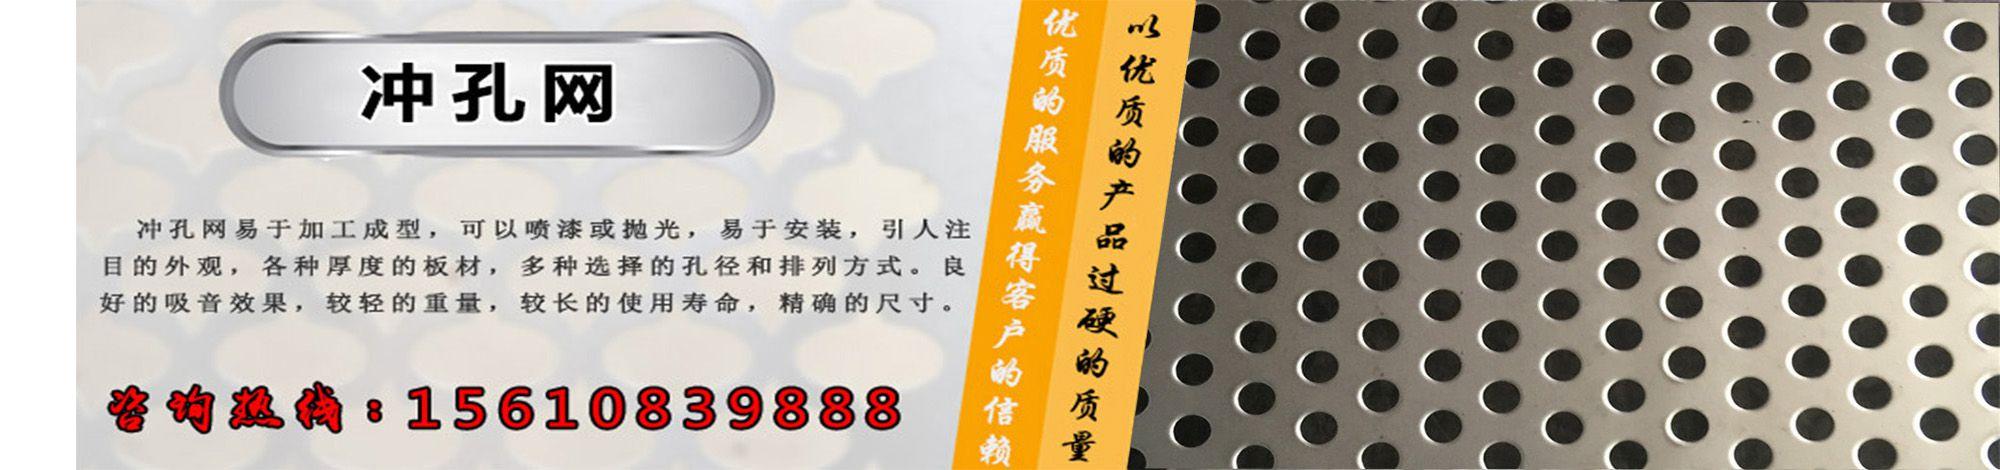 安平县至尚丝网制造有限公司